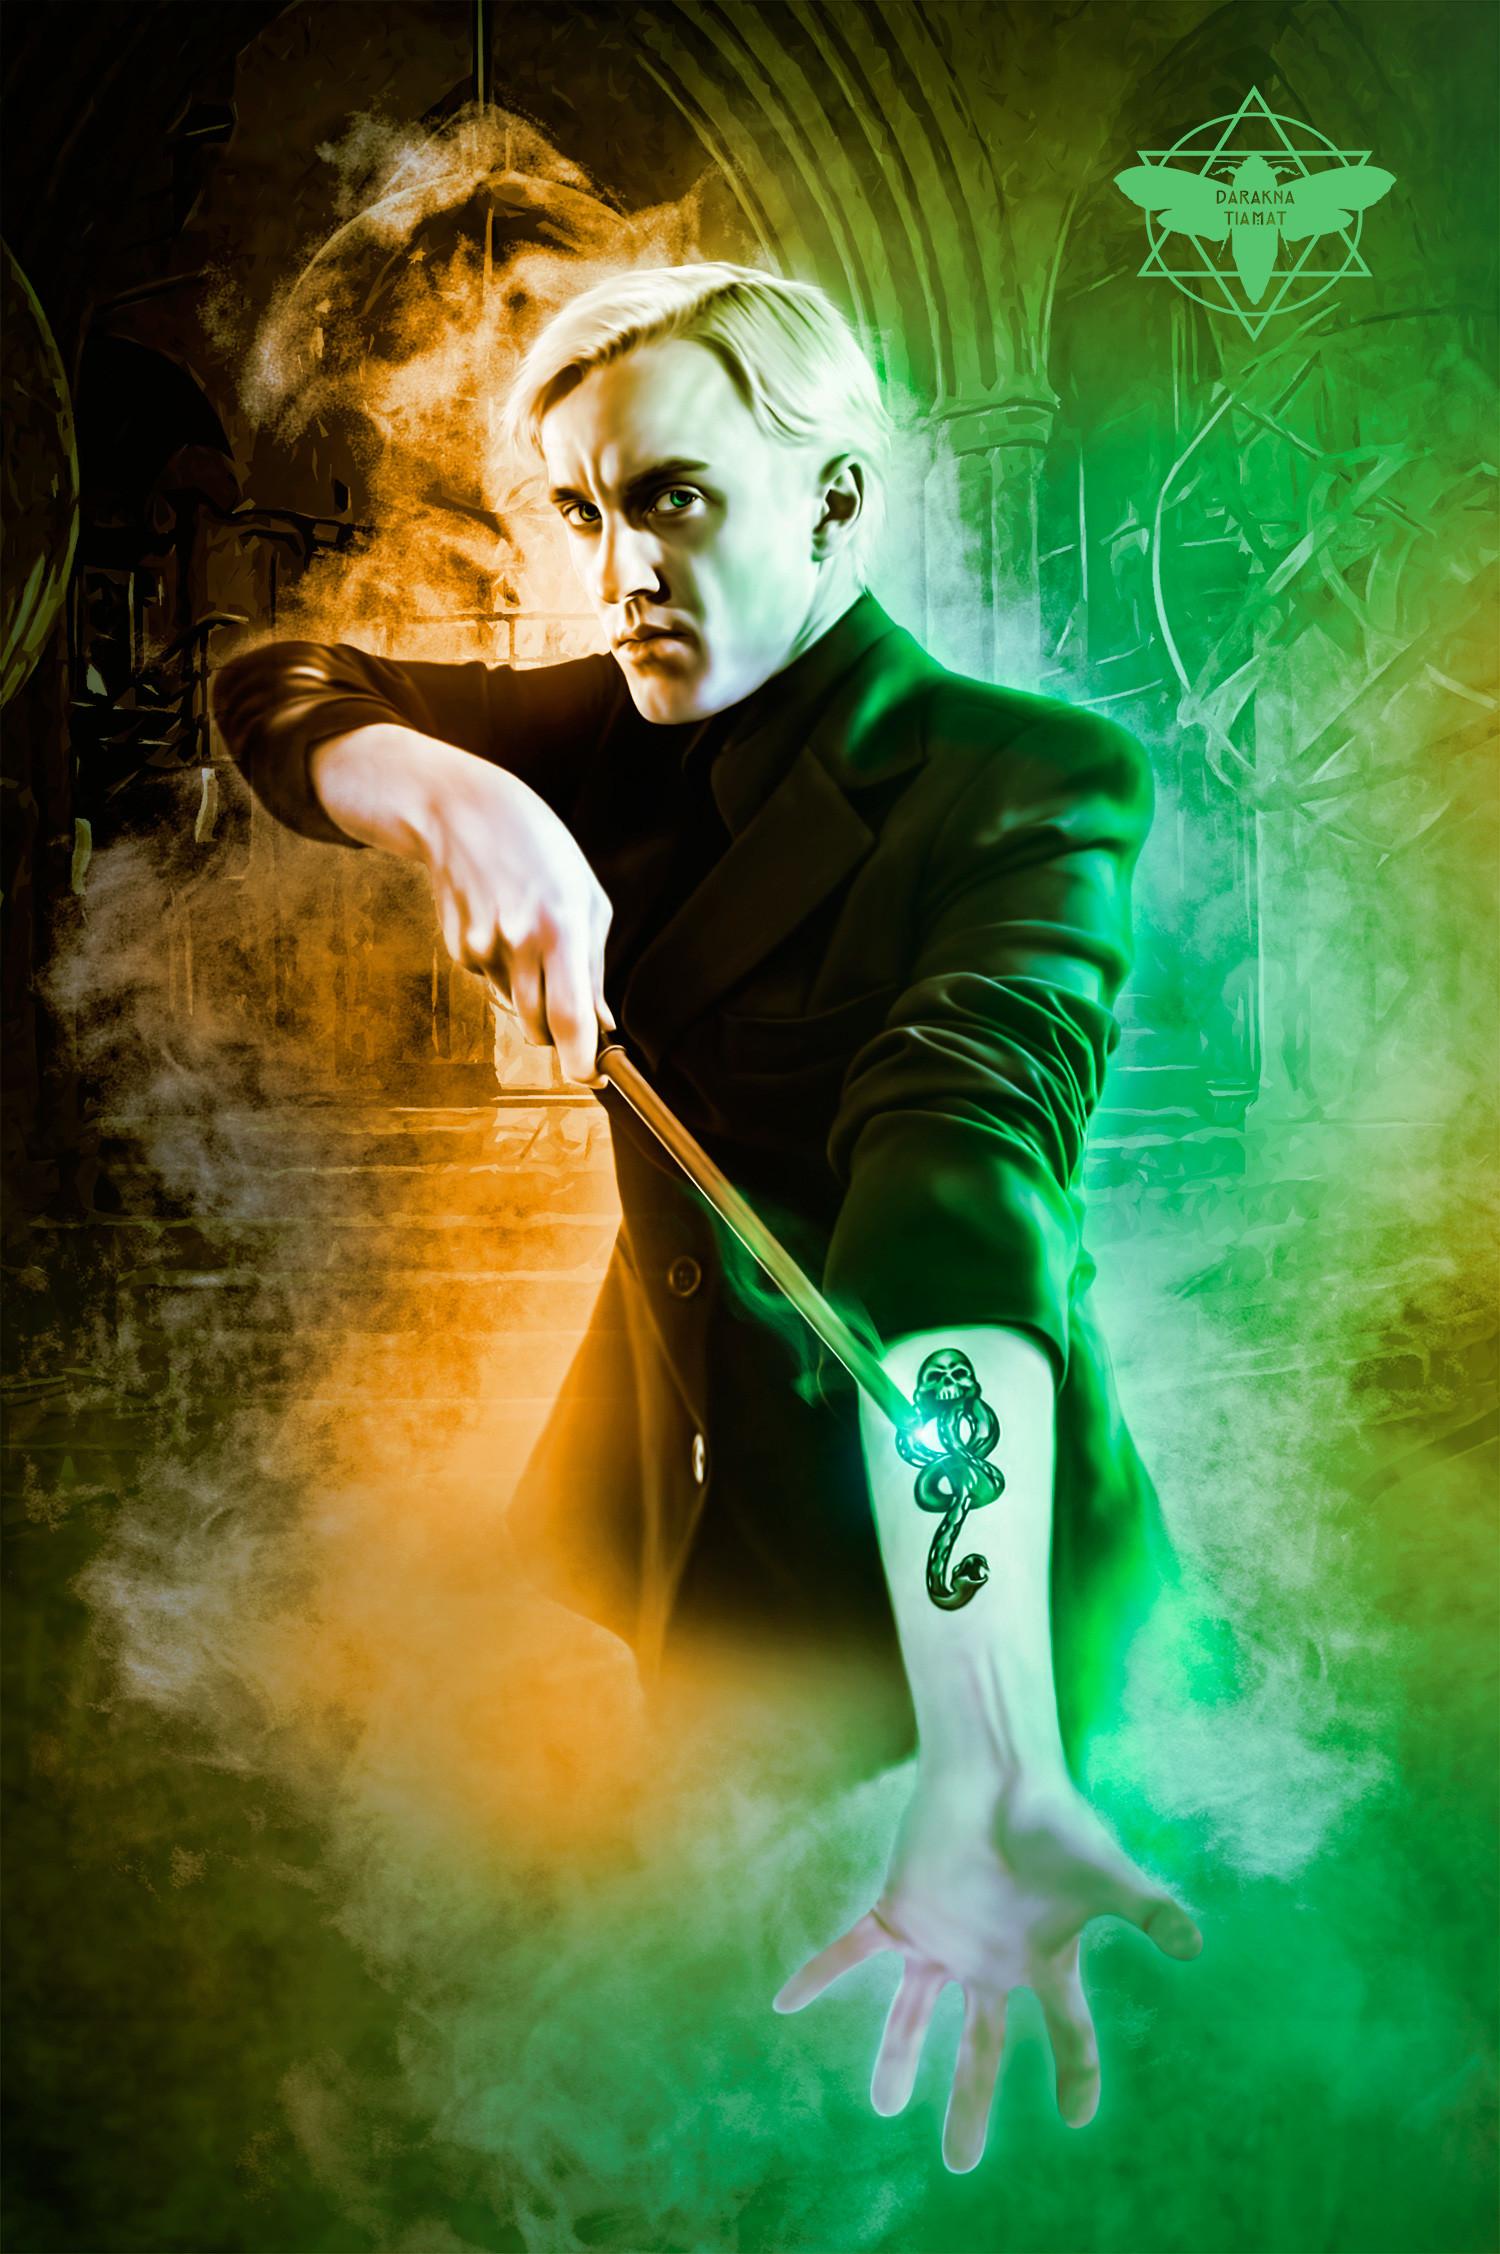 Tom Felton As Draco Malfoy - Slytherin Wallpaper Draco ...